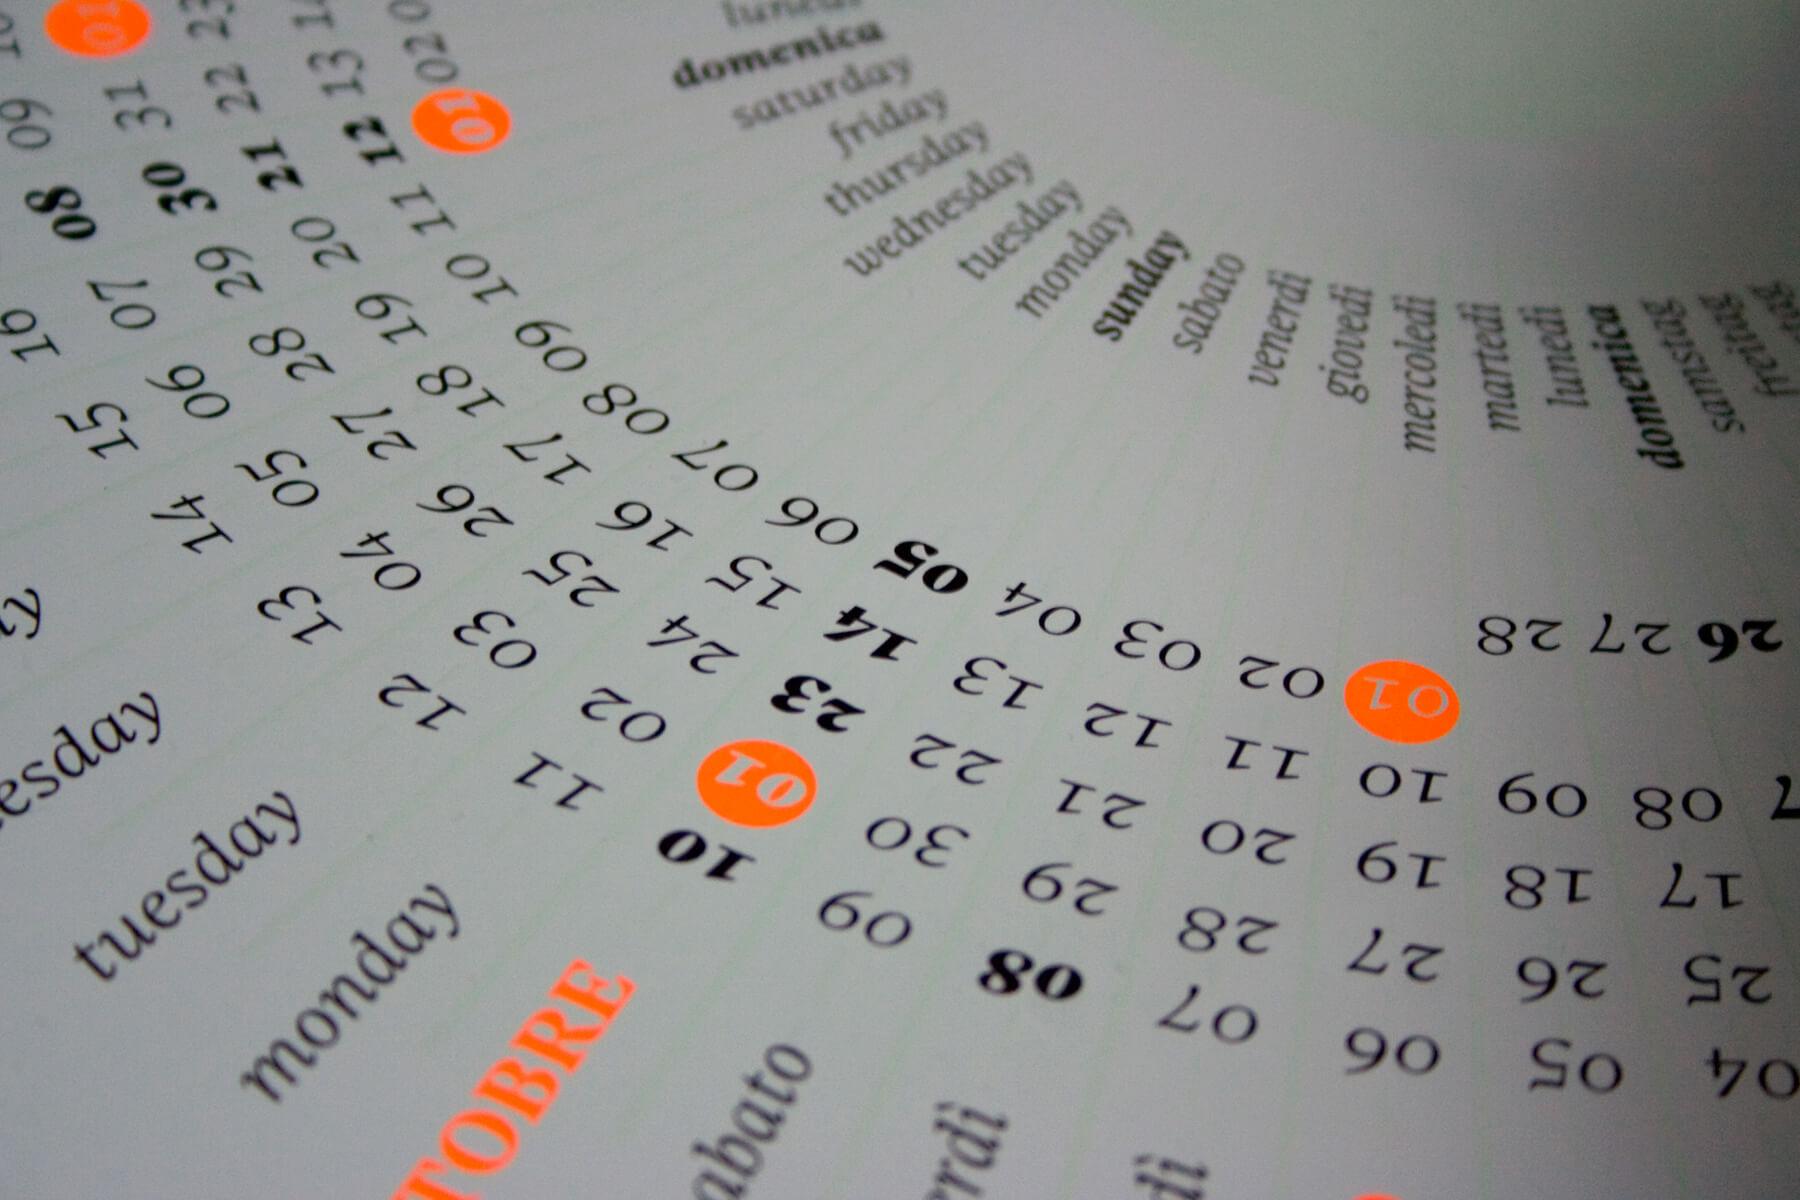 Dettaglio del calendario Solepertuttoilduemiladiciassette